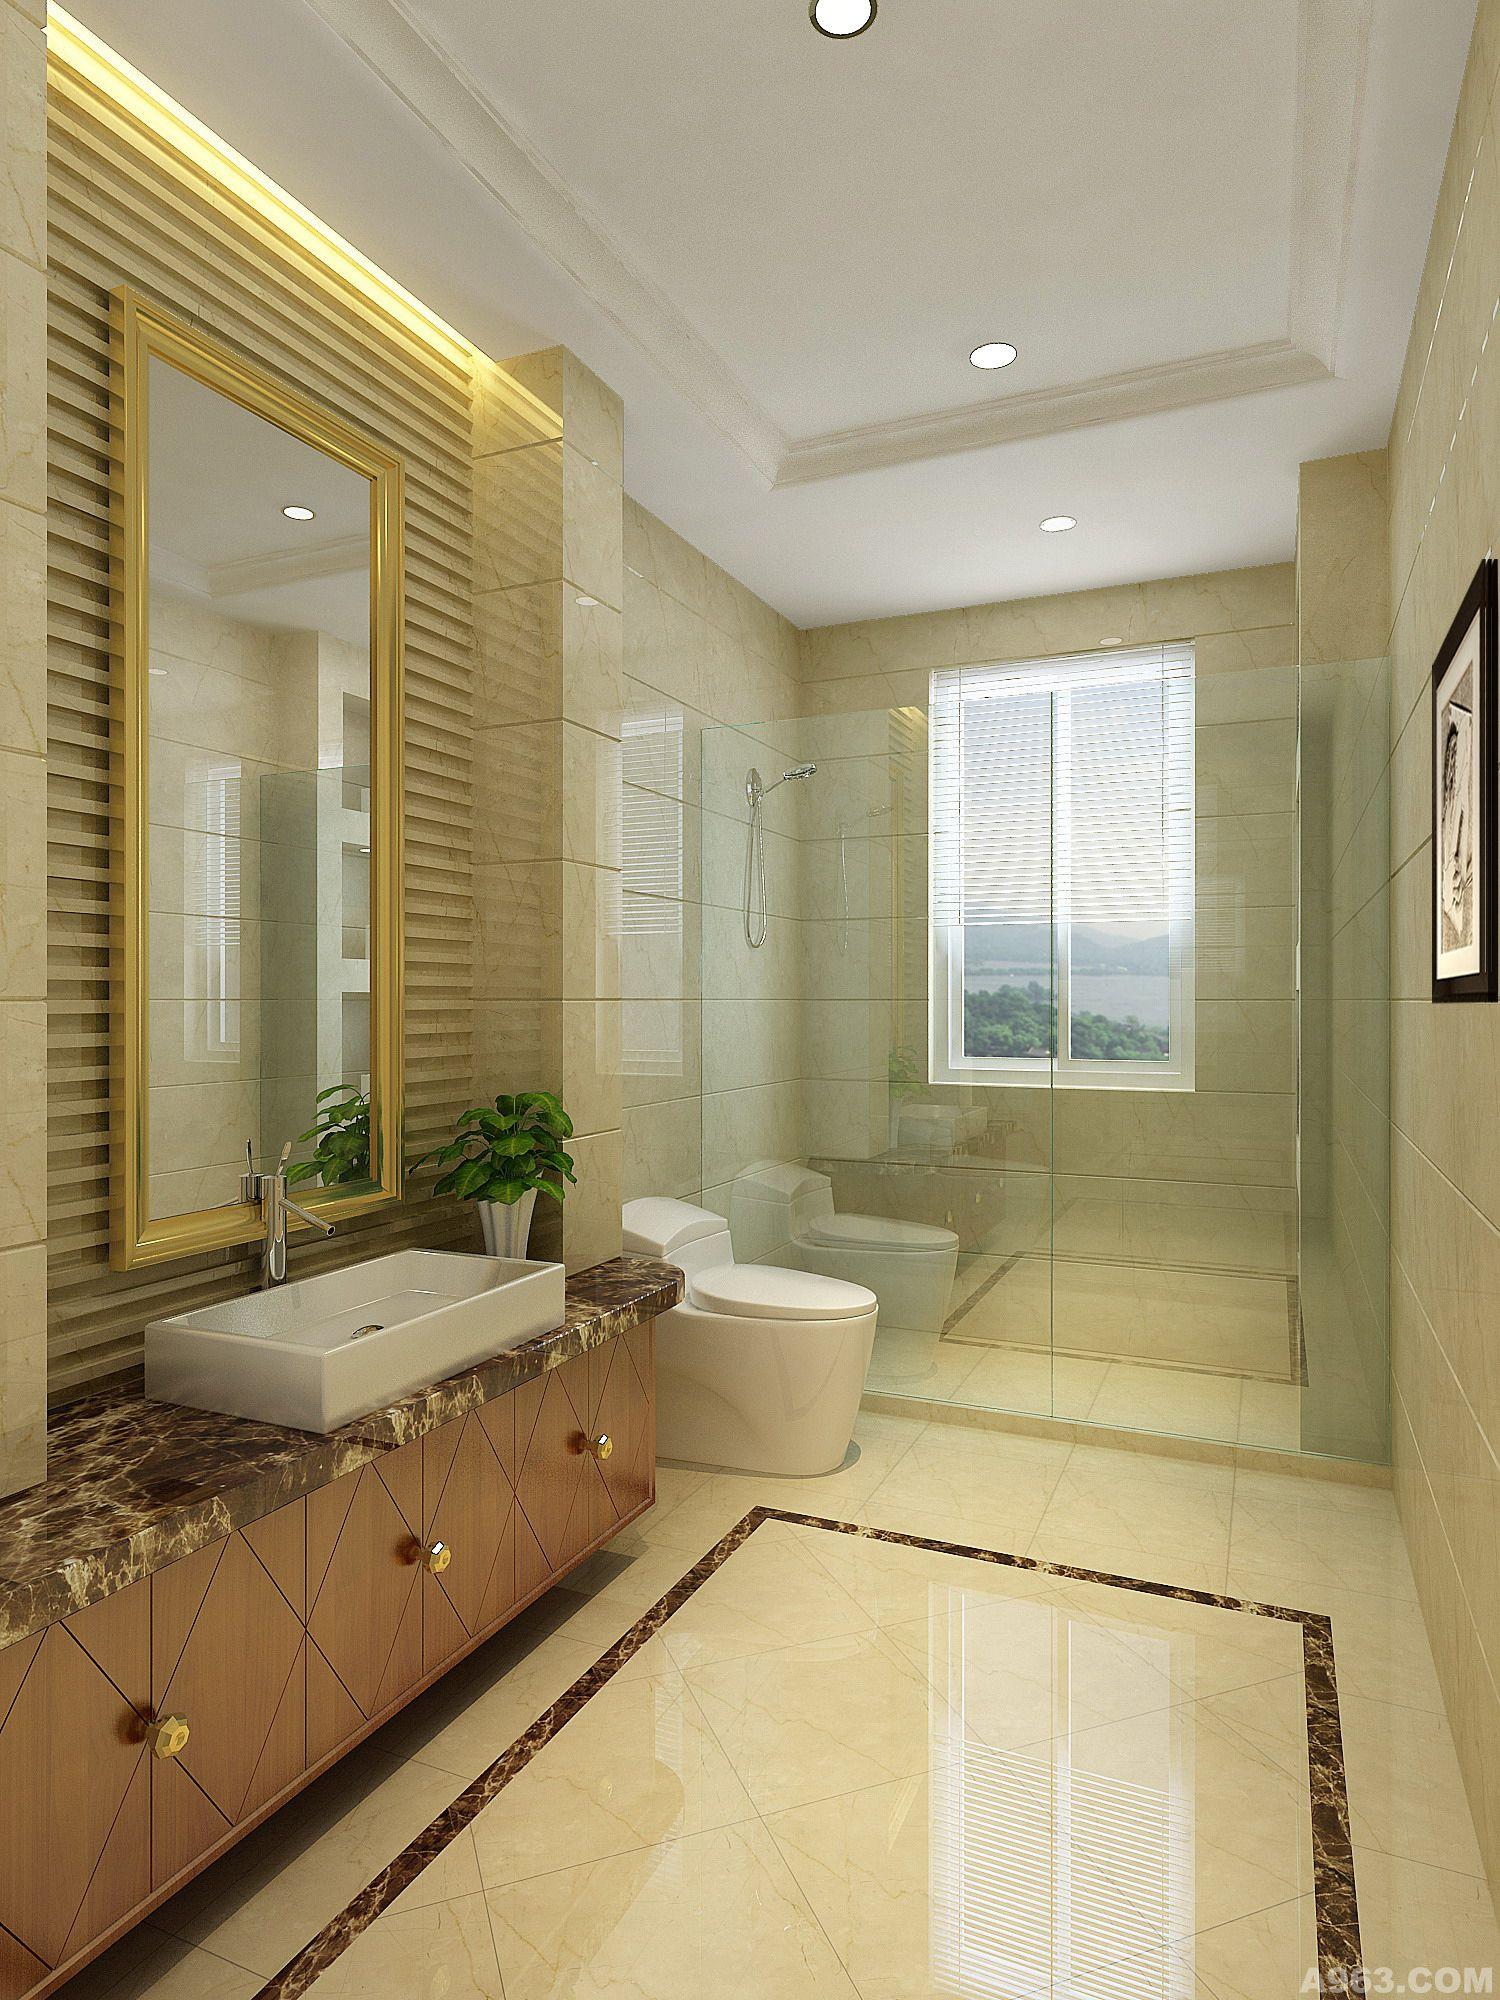 曲池坊260平米简欧设计 - 住宅空间 - 西安室内设计网